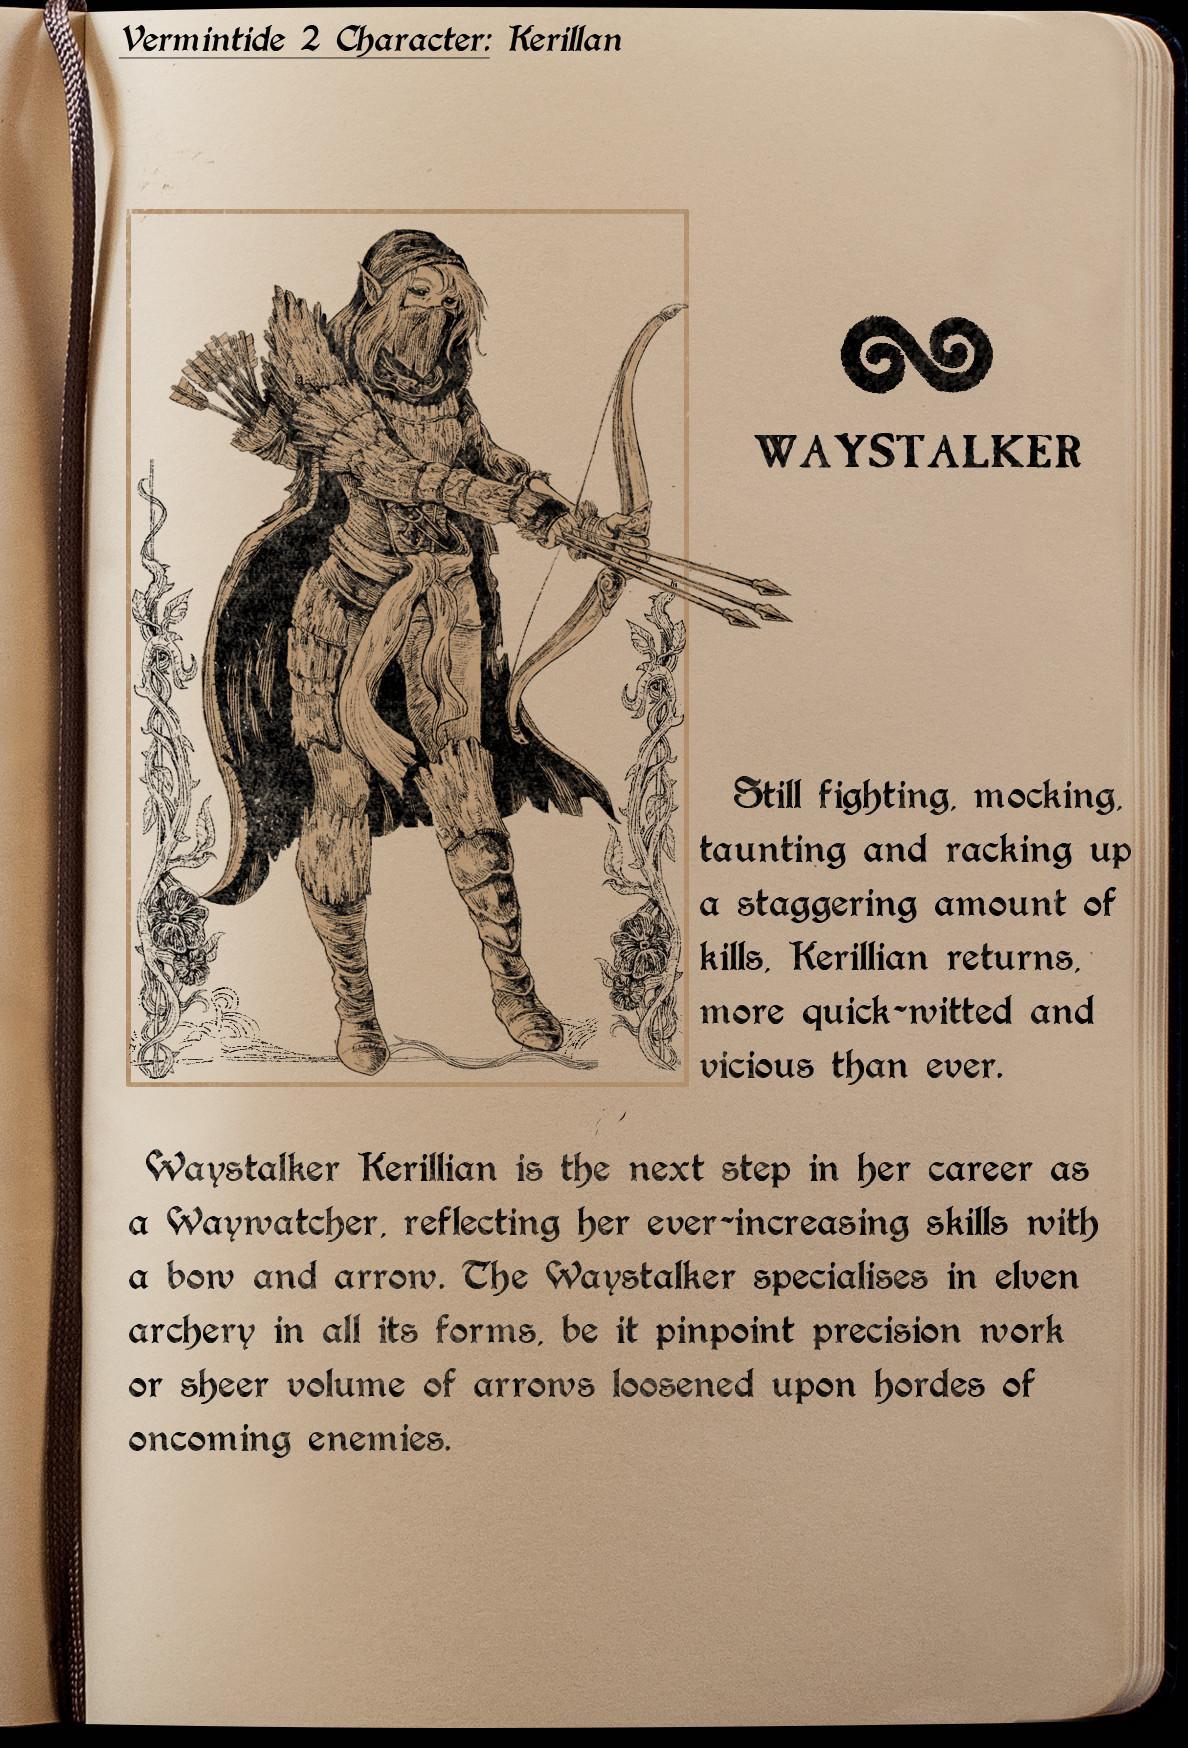 Waystalker Lore